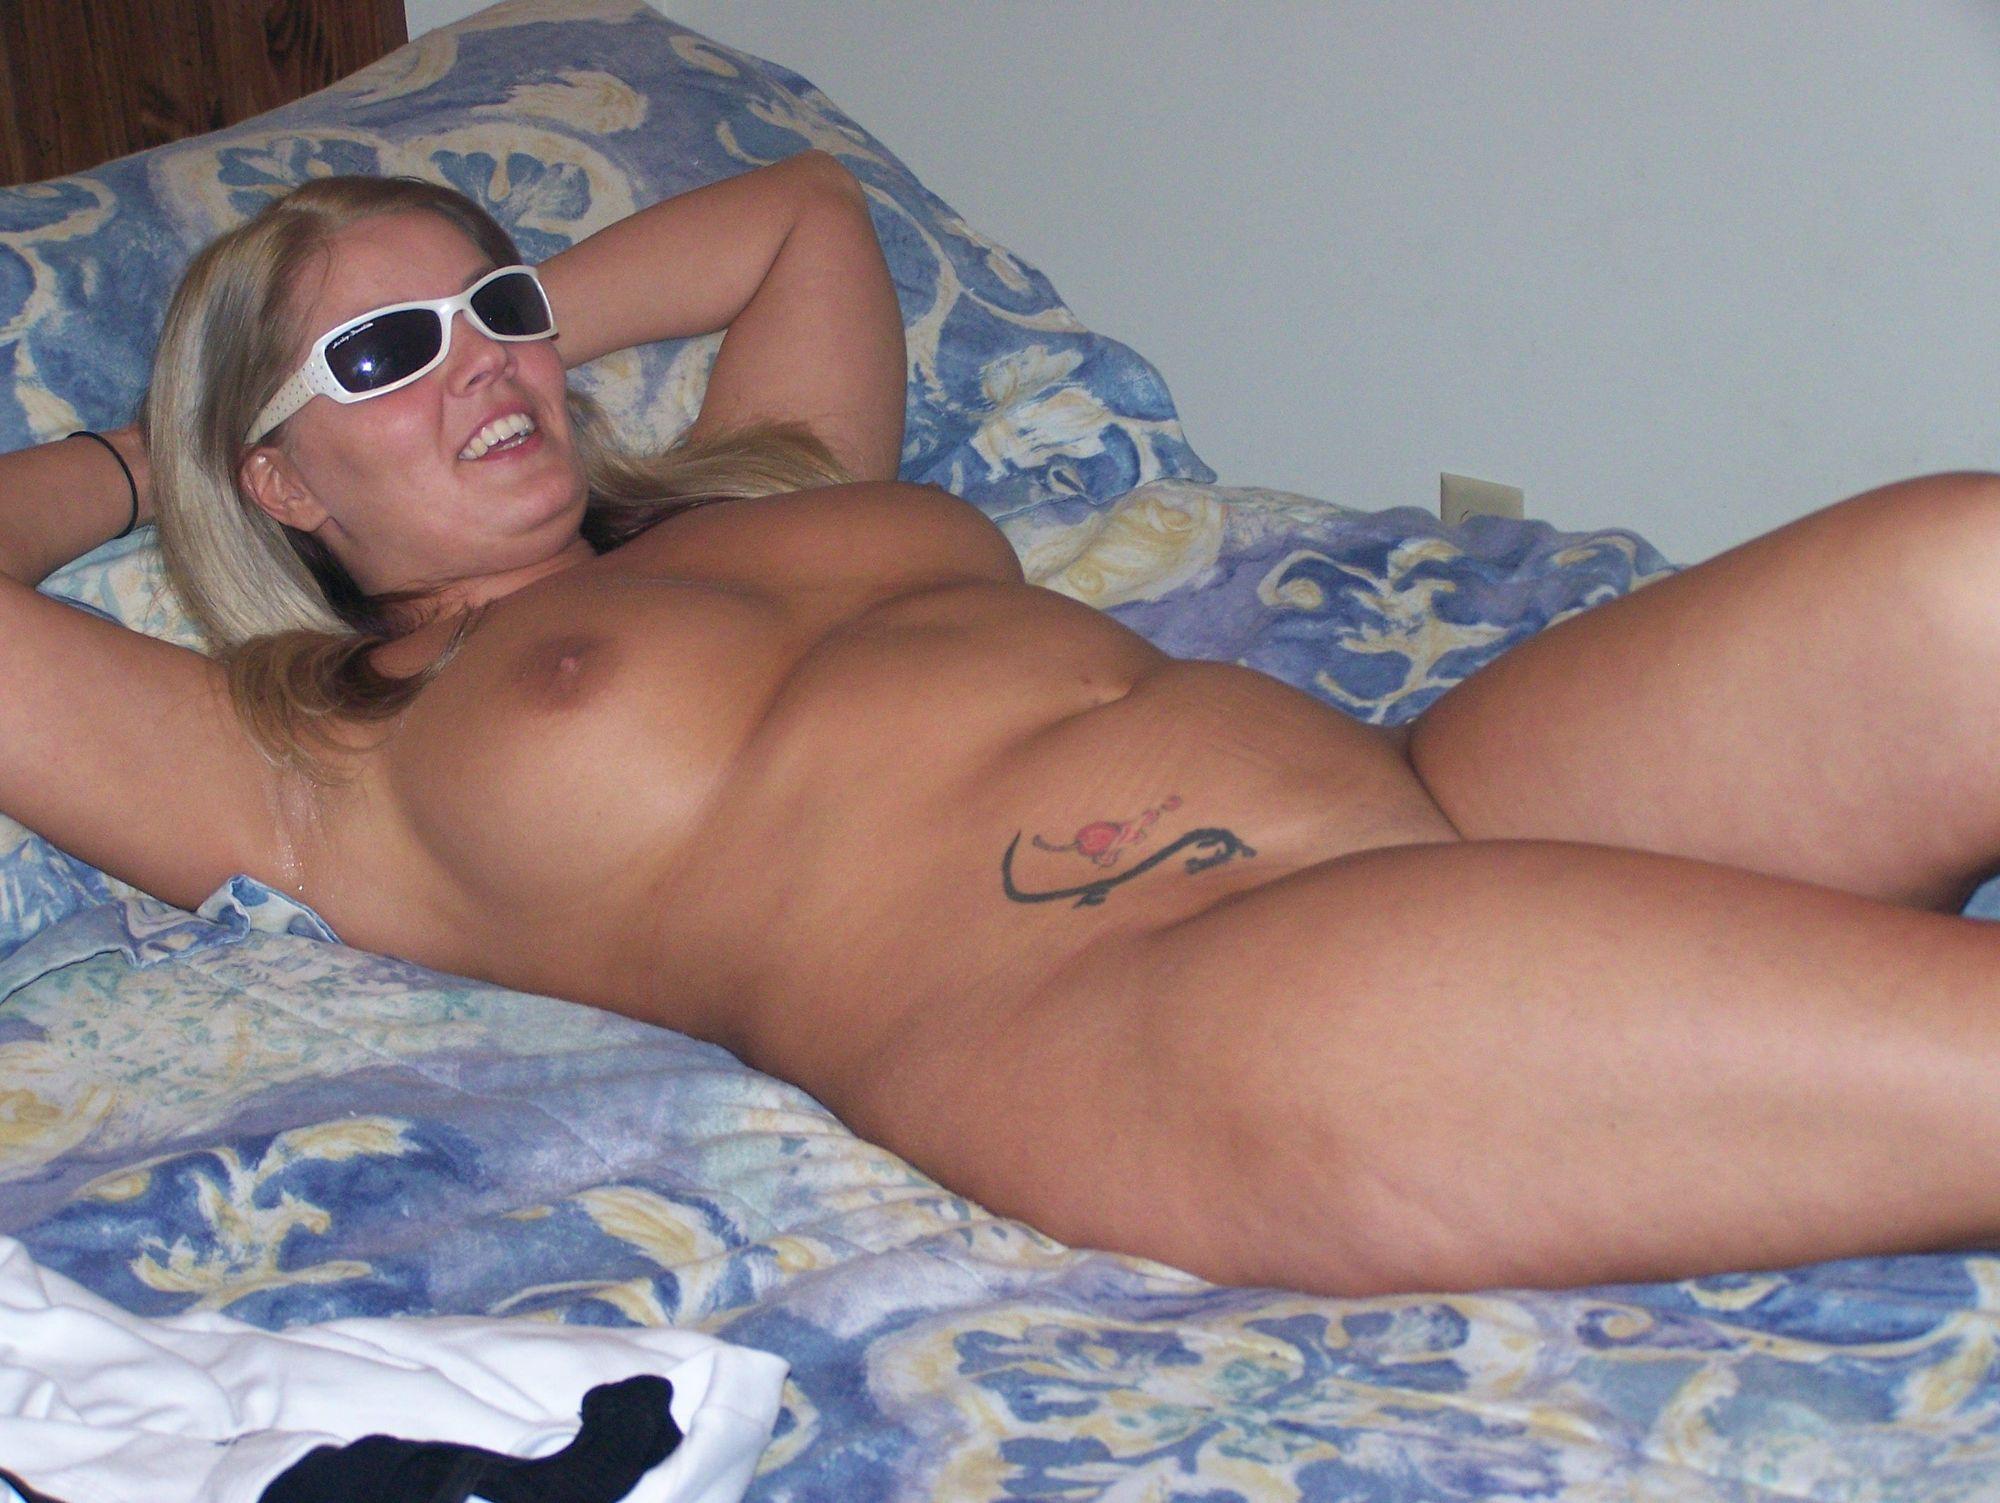 Нагая блядь лежит на кровати секс фото